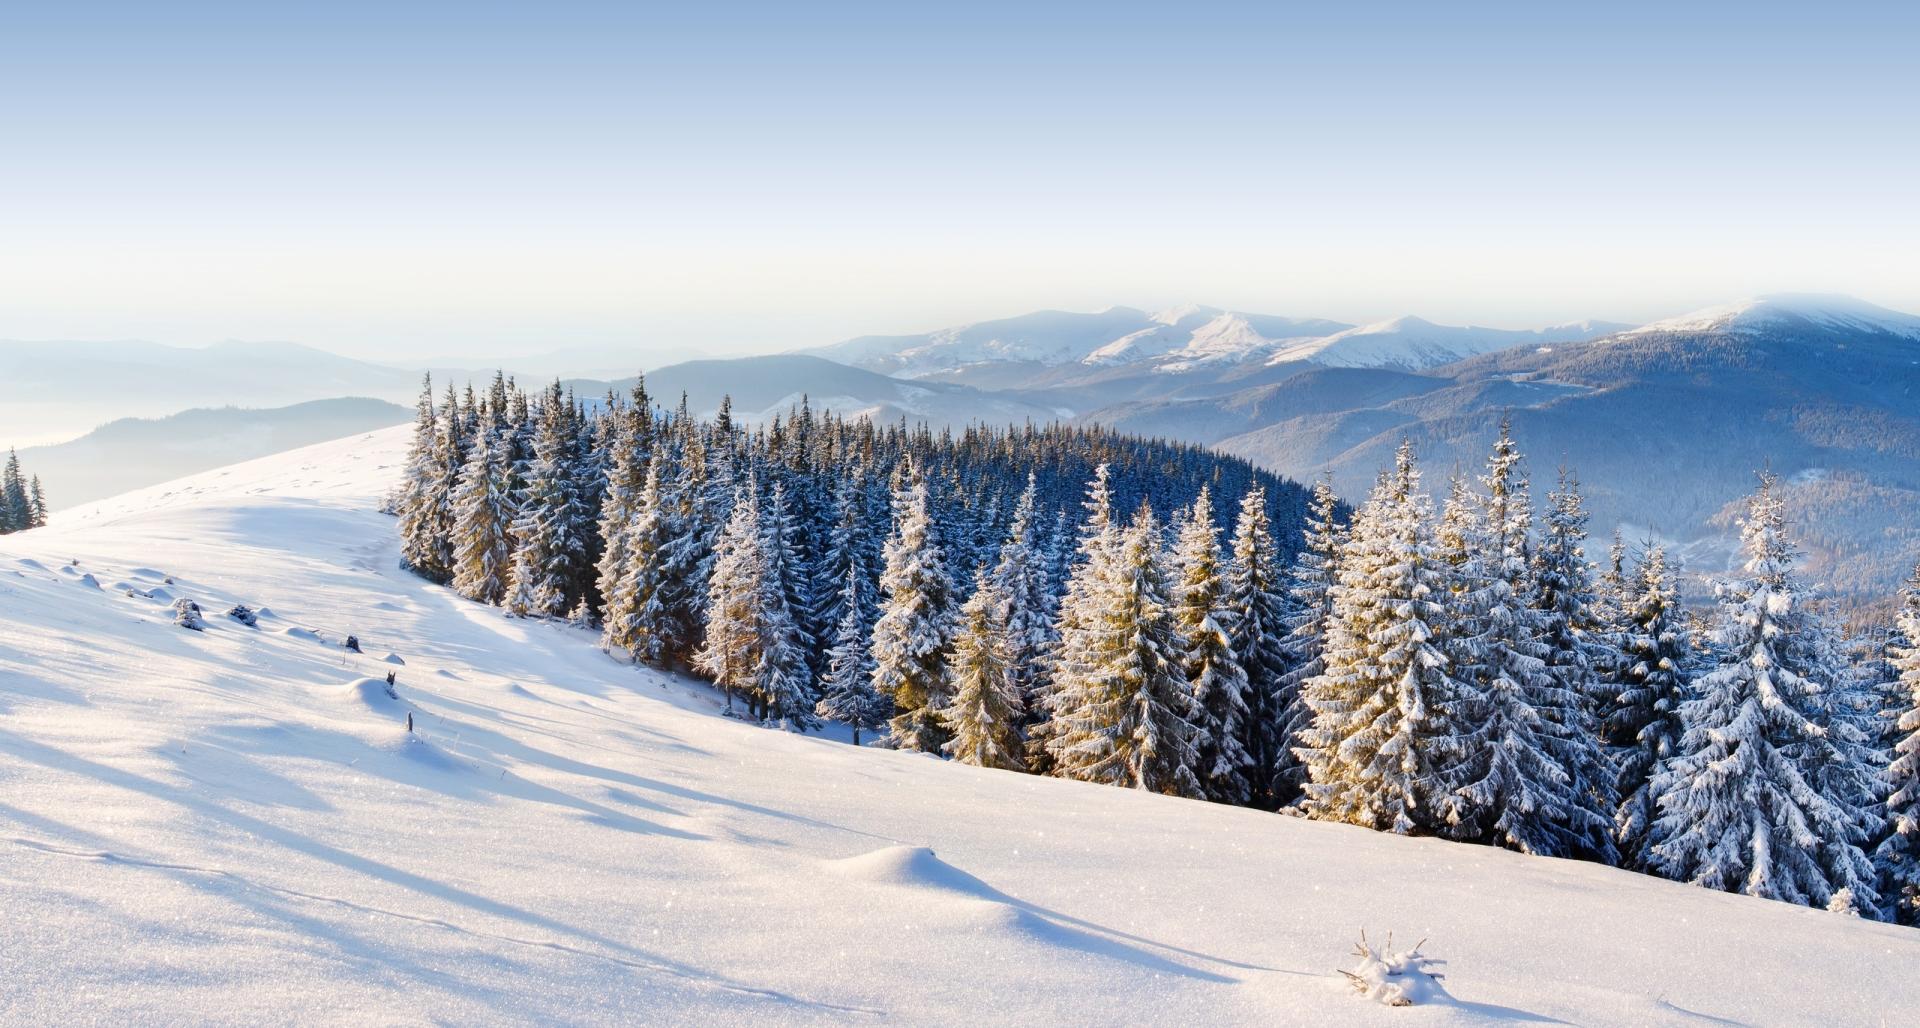 Температура повітря вночі 5-10° морозу, вдень 1-6° тепла.